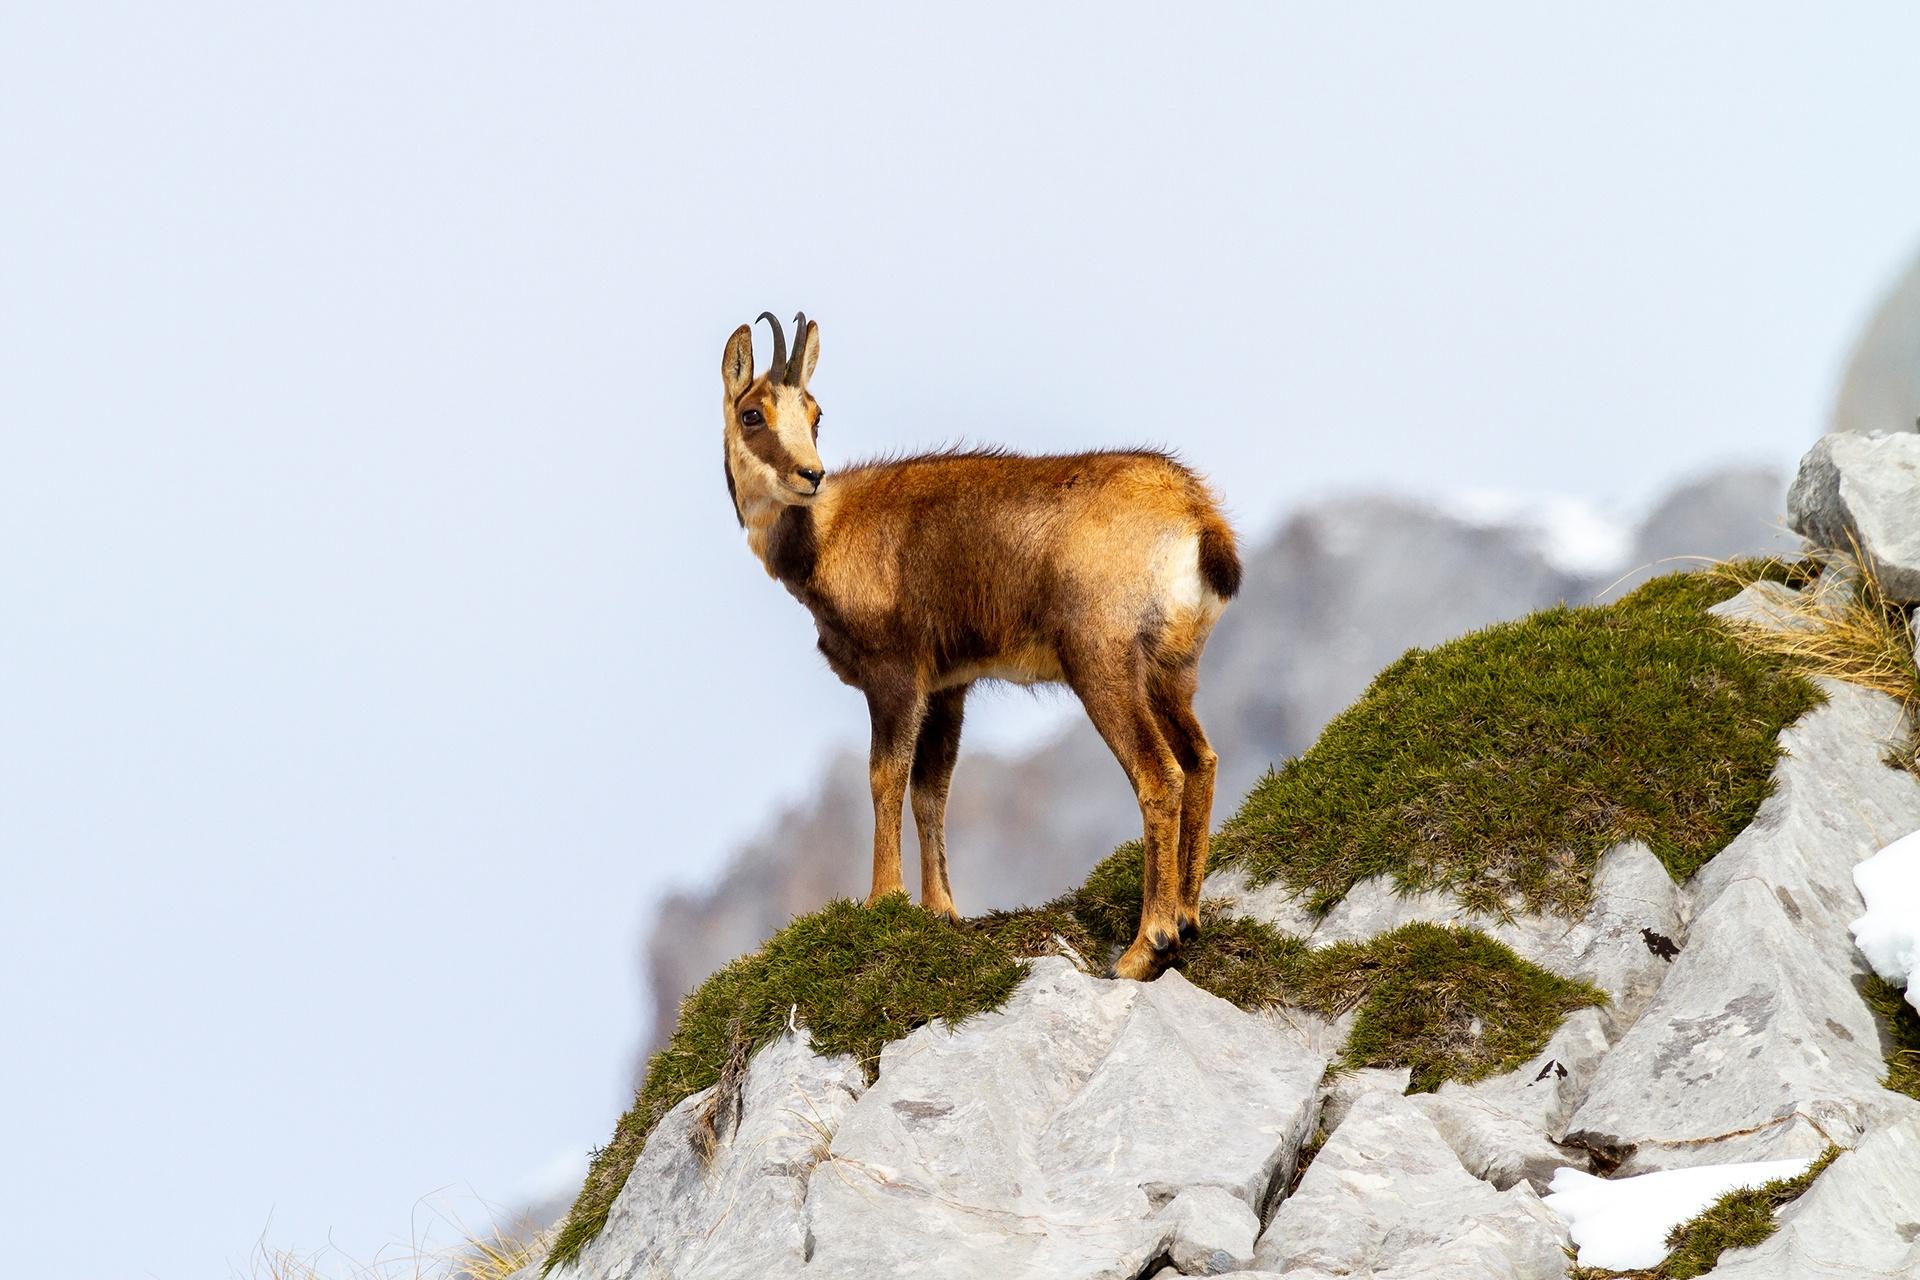 Moisés Castaño García- Rebeco - 2020 - AFONAS, Asociación de Fotografos de Naturaleza de Asturias